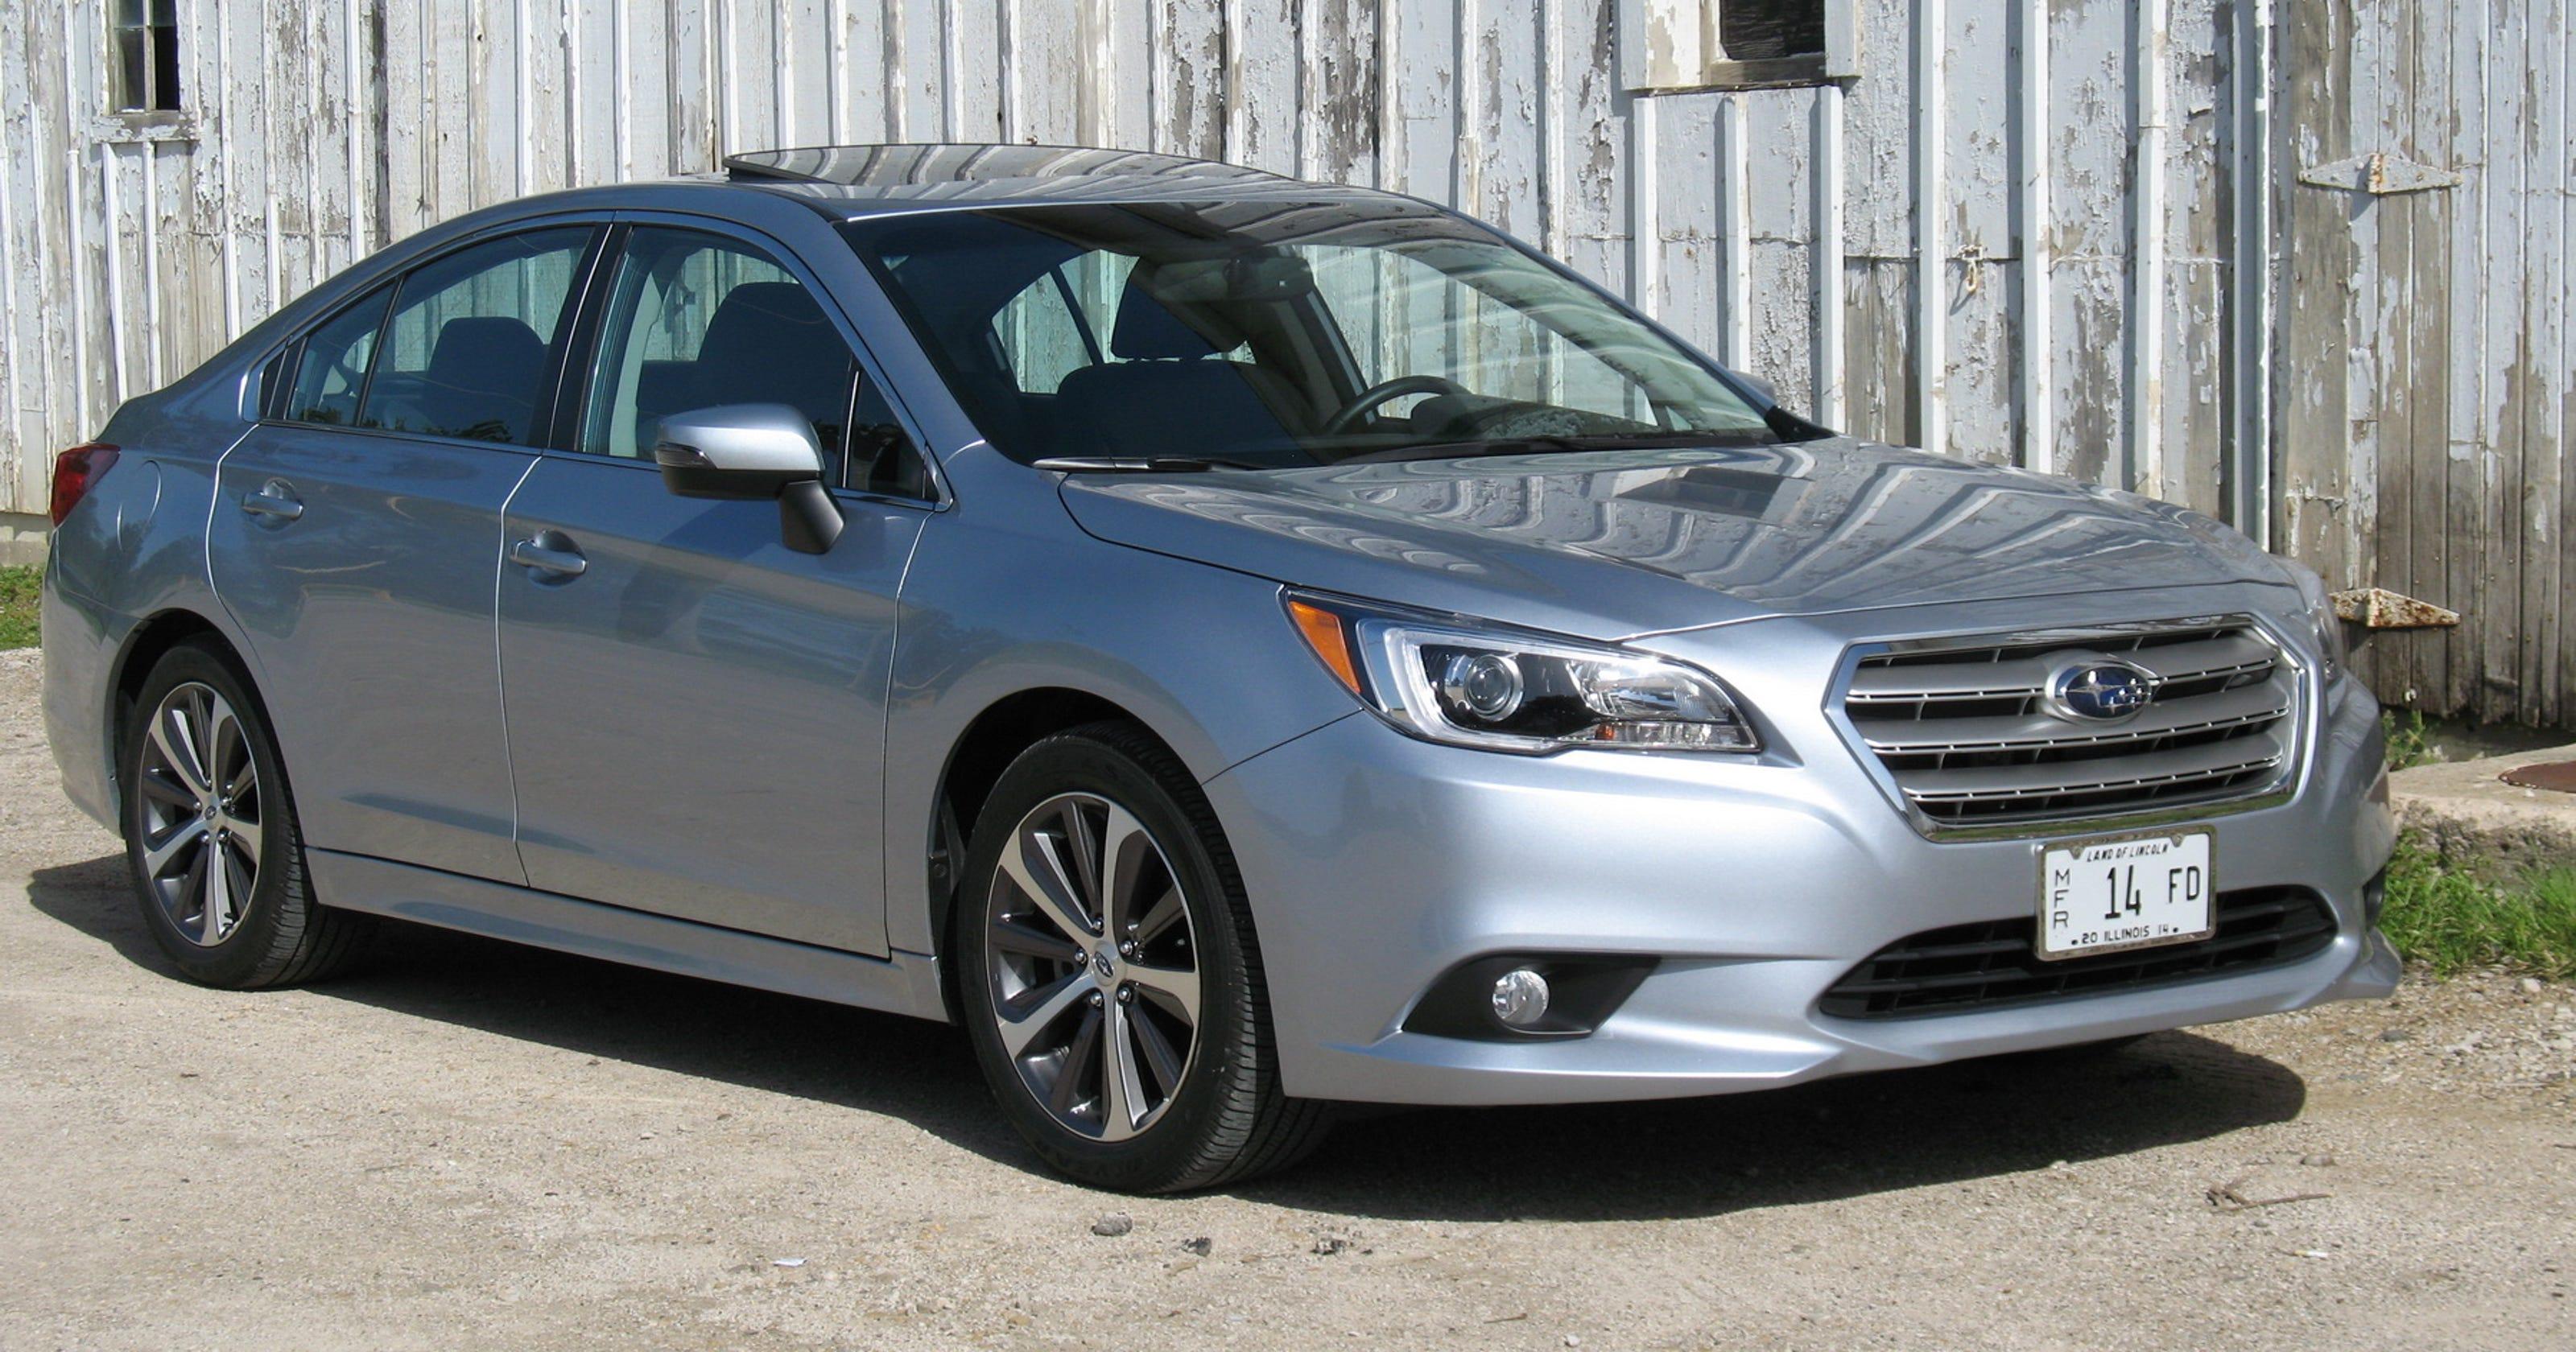 2017 Subaru Legacy Sedan Provides Style Safety Luxury